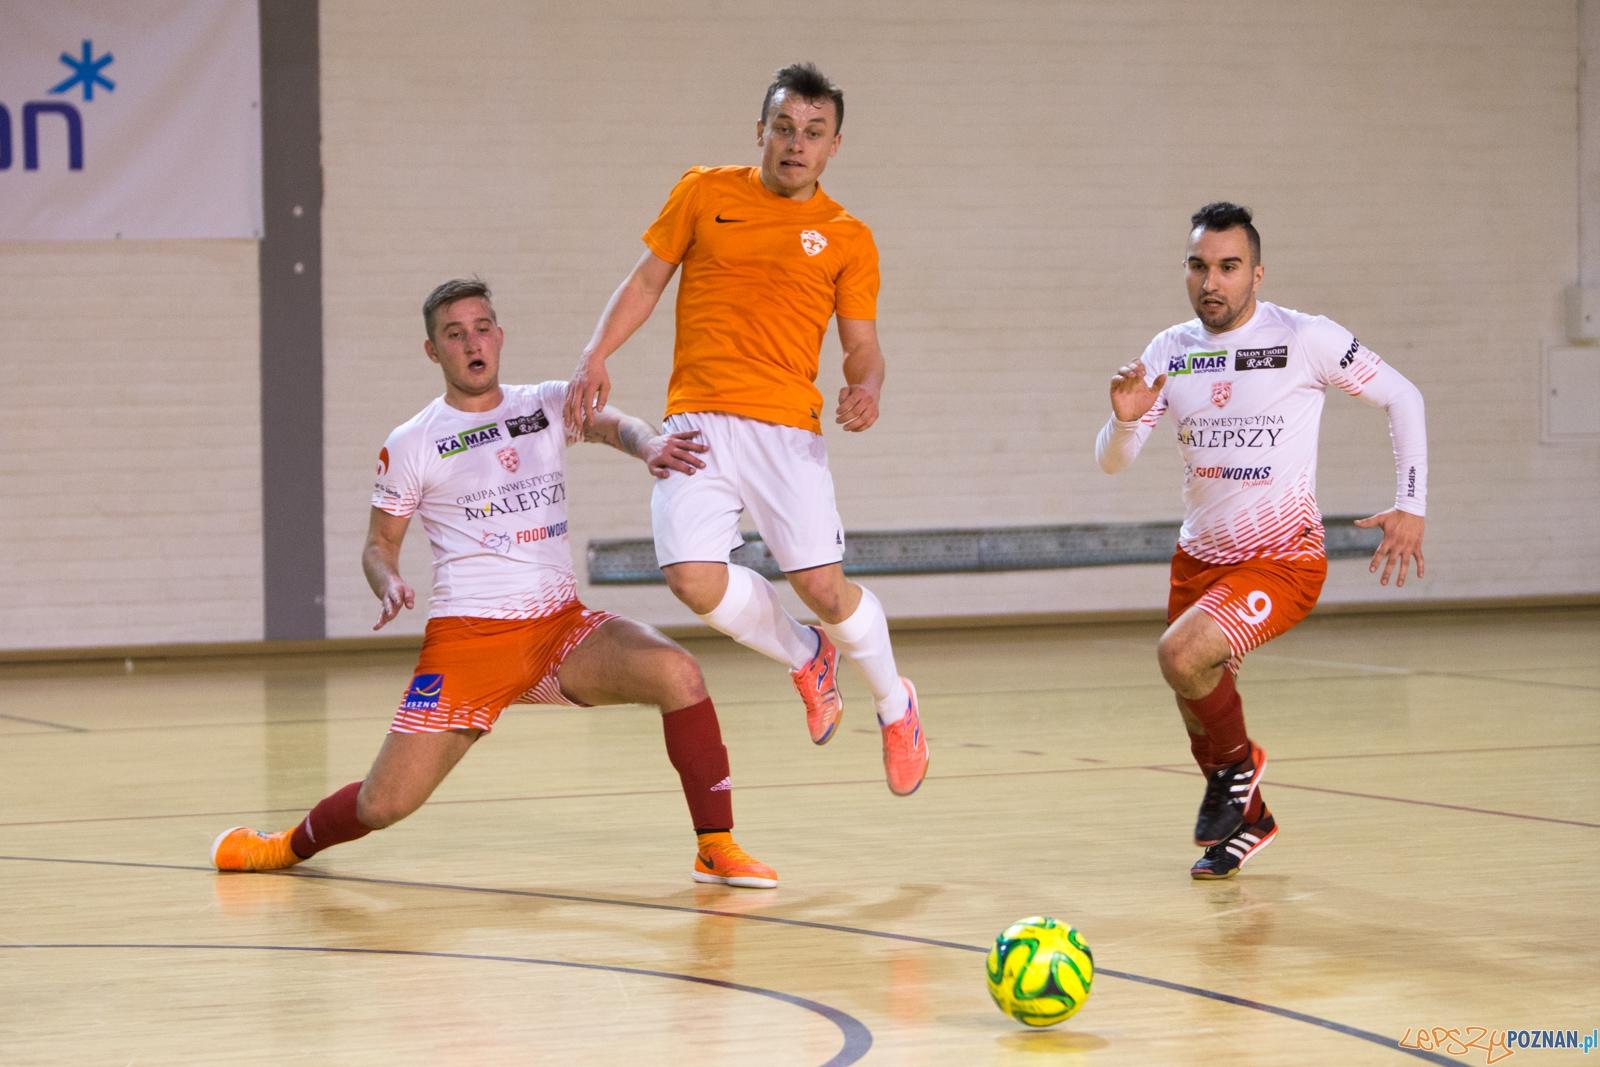 Mecz II ligi futsalu: M40.pl Poznań - Futsal Leszno  Foto: lepszyPOZNAN.pl / Piotr Rychter